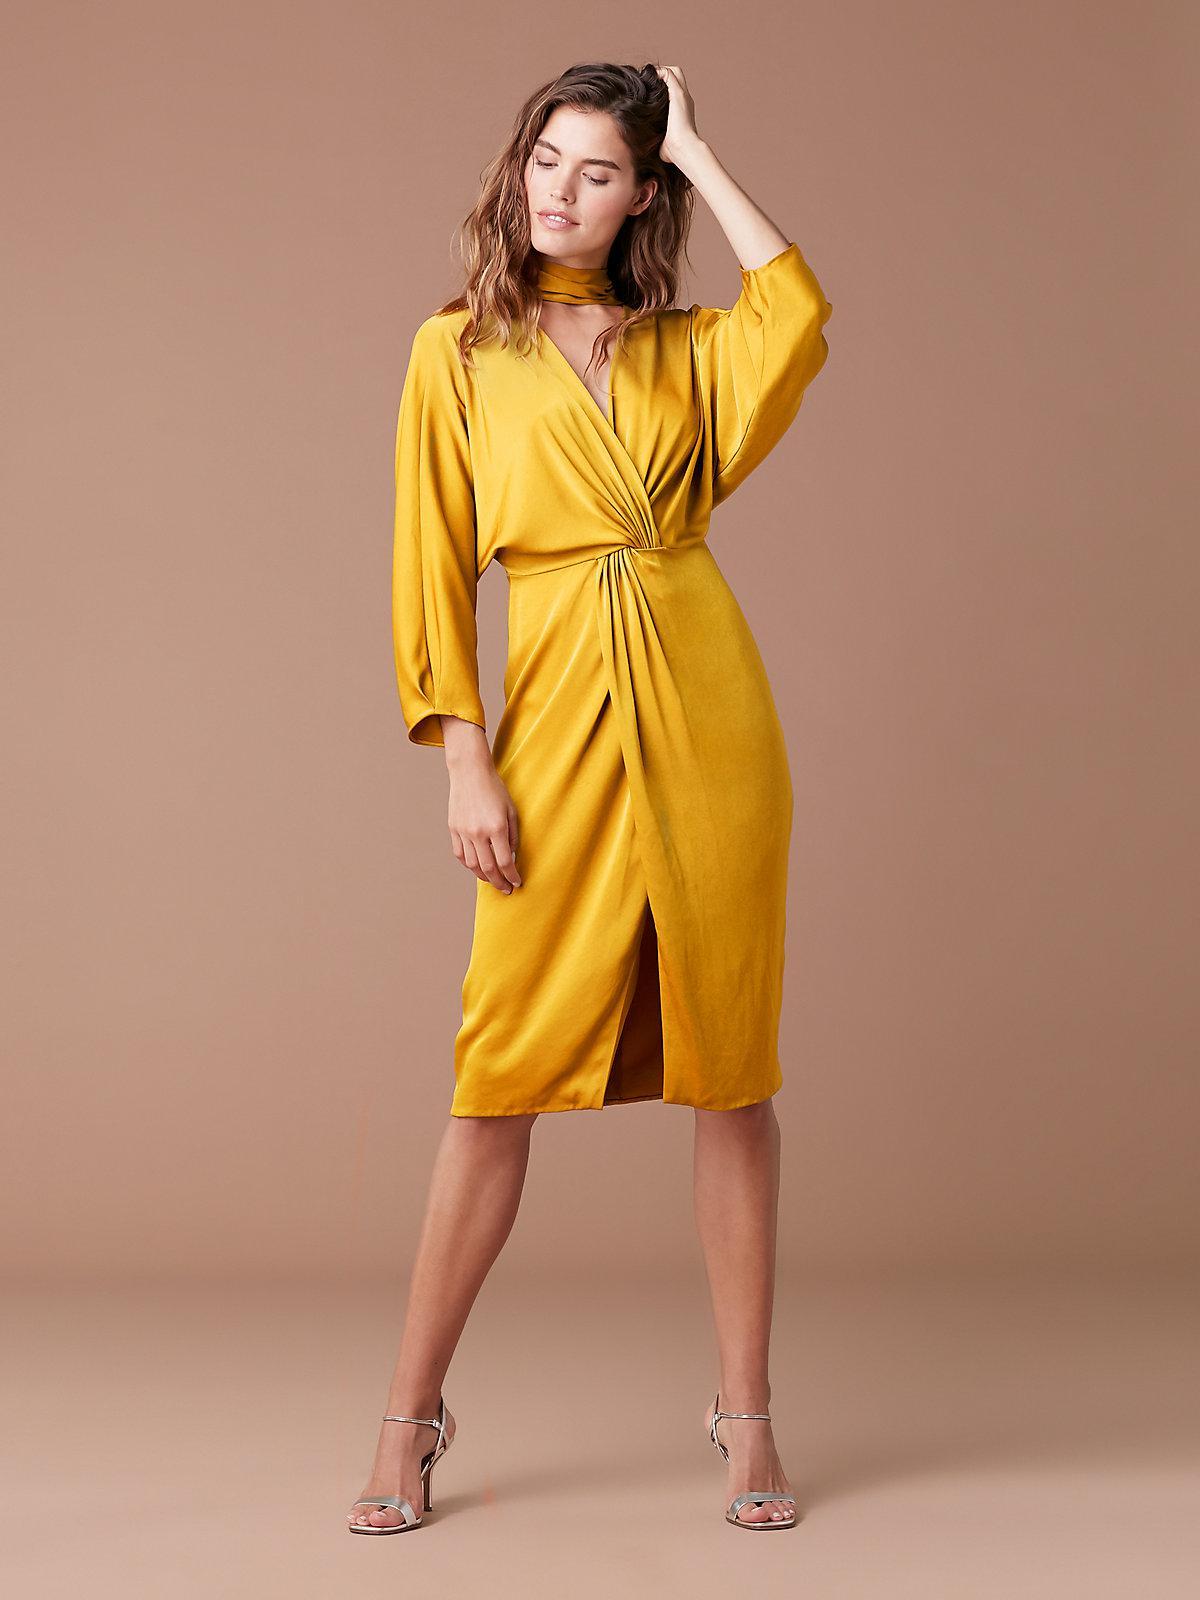 fba168cdc4f8 Diane von Furstenberg Front Twist Dress in Yellow - Lyst